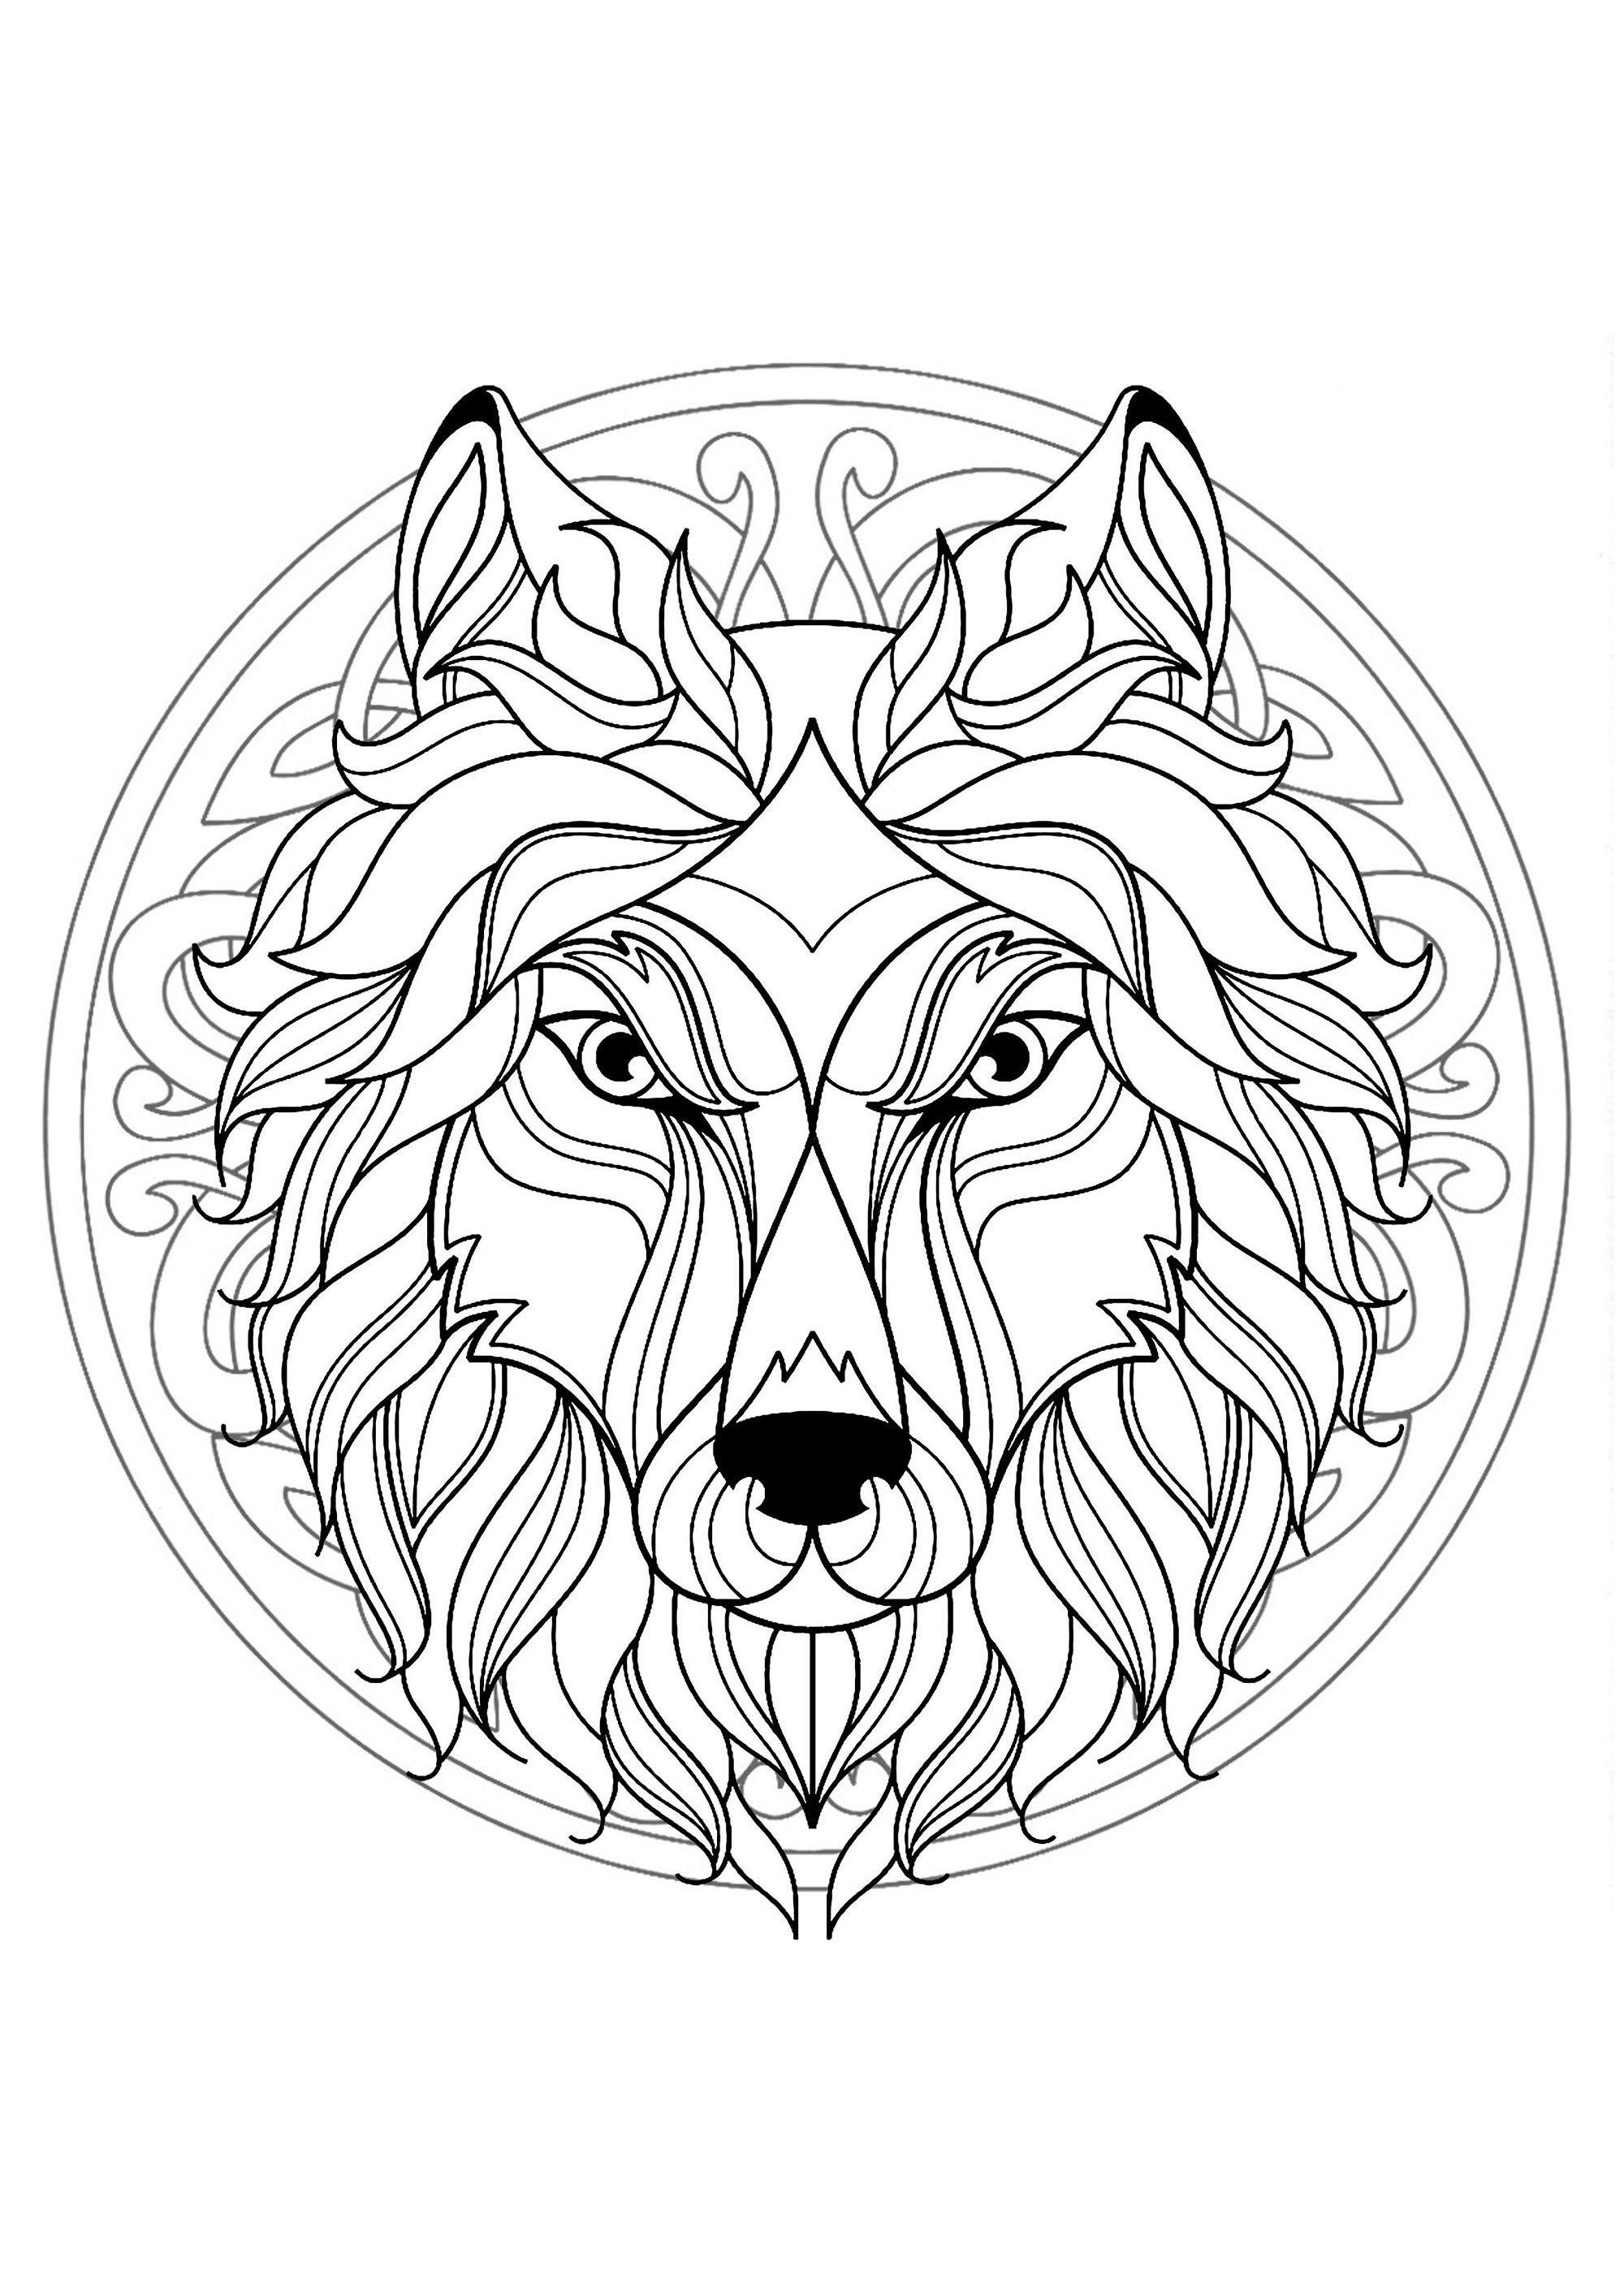 Einzigartig Coloriages Mandalas Gratuits Farbung Malvorlagen Malvorlagenkostenlos Lowen Malvorlagen Mandala Malvorlagen Tiere Geometrische Malvorlagen